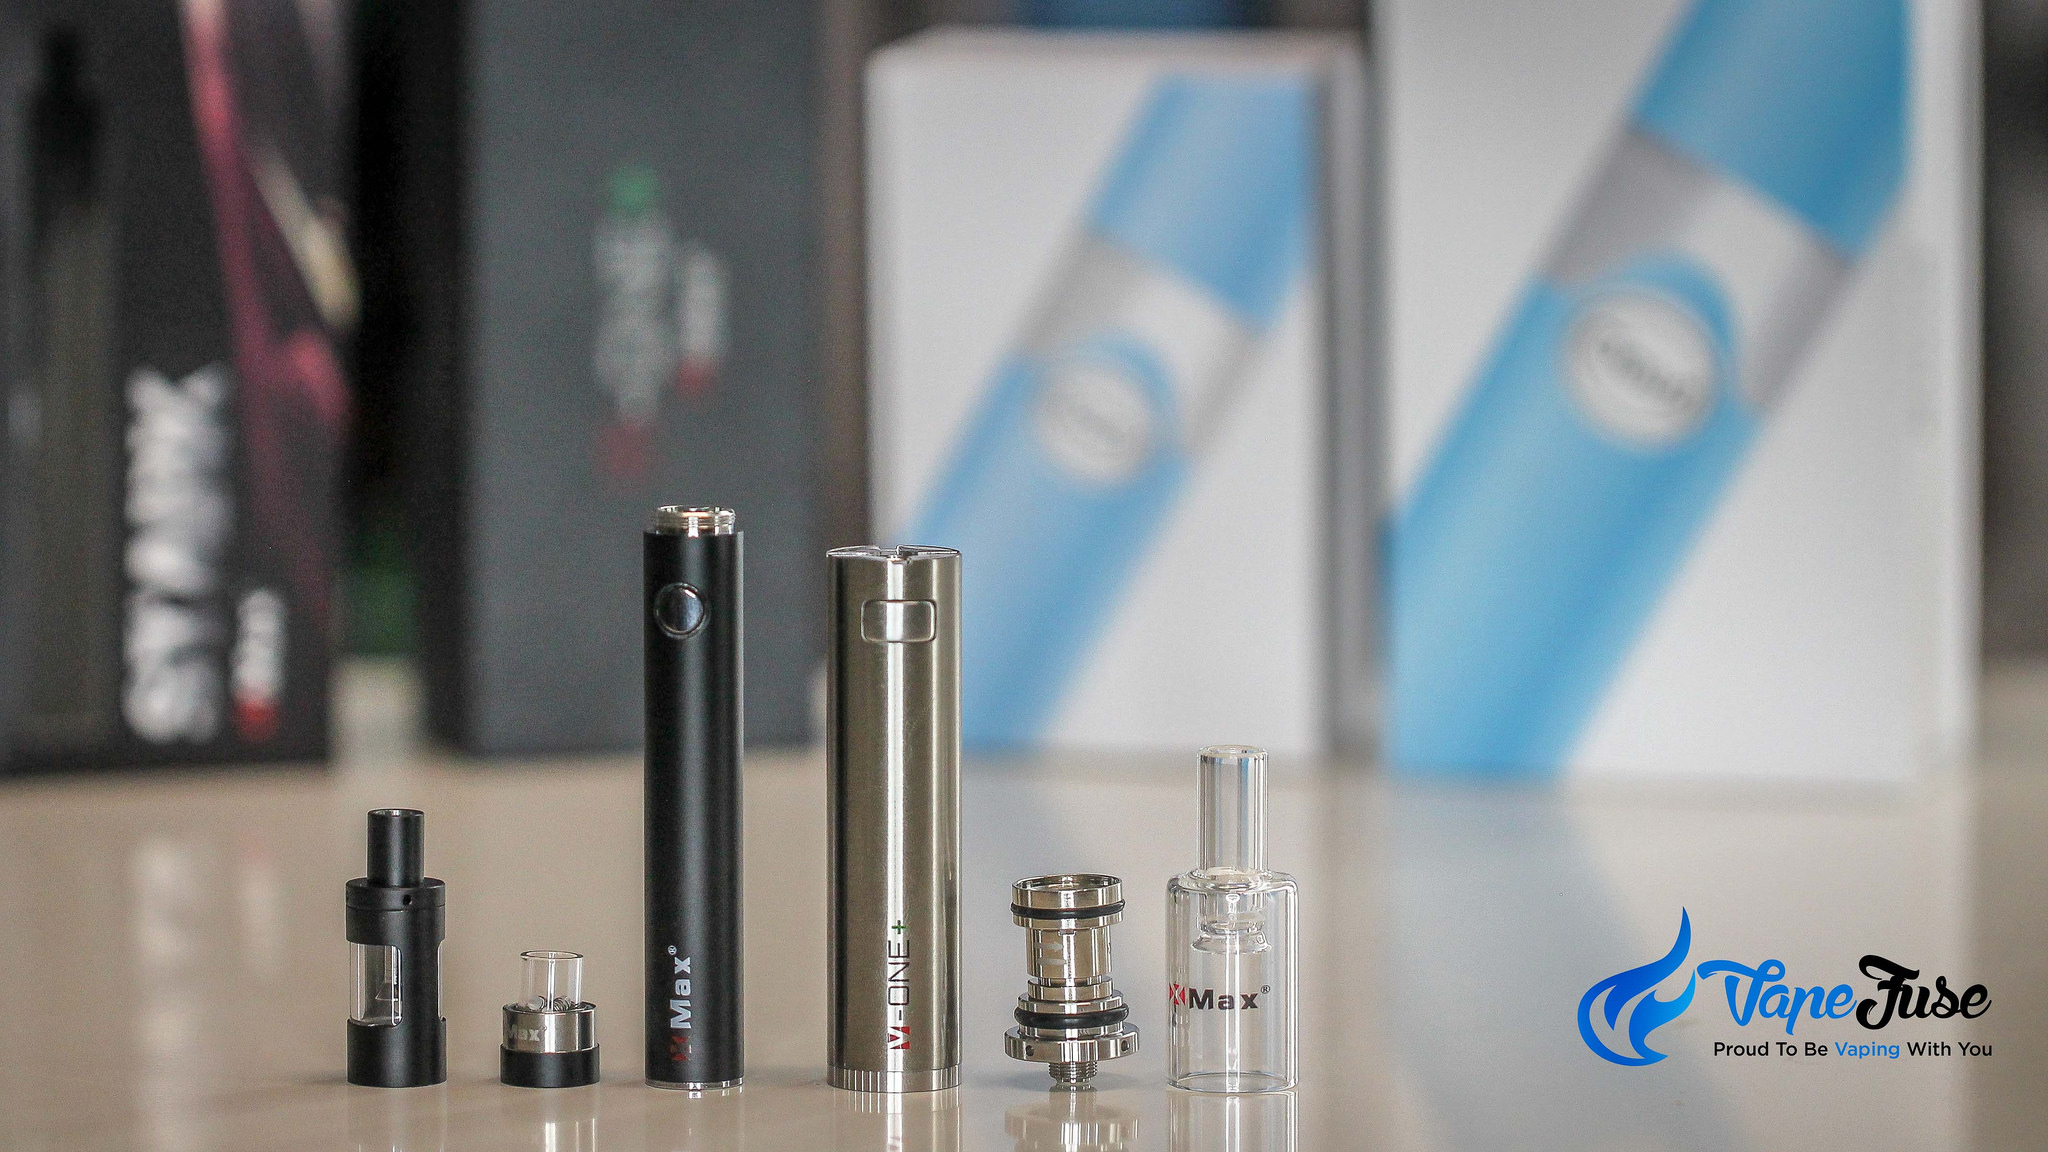 Xmax Wax Vaporizer Atomizers